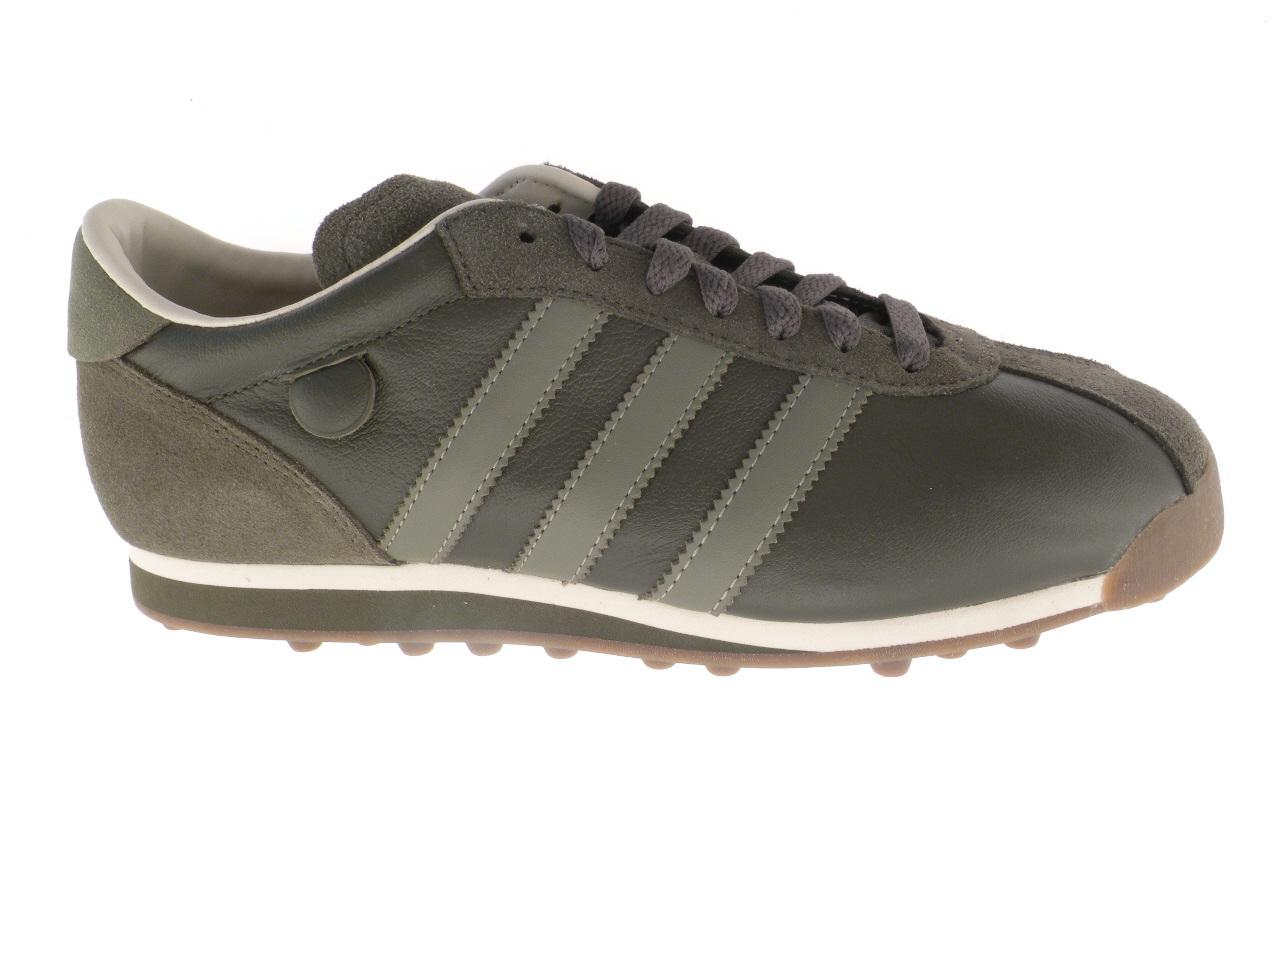 Adidas Online Modelos Zapatillas España Antiguos aUxYH